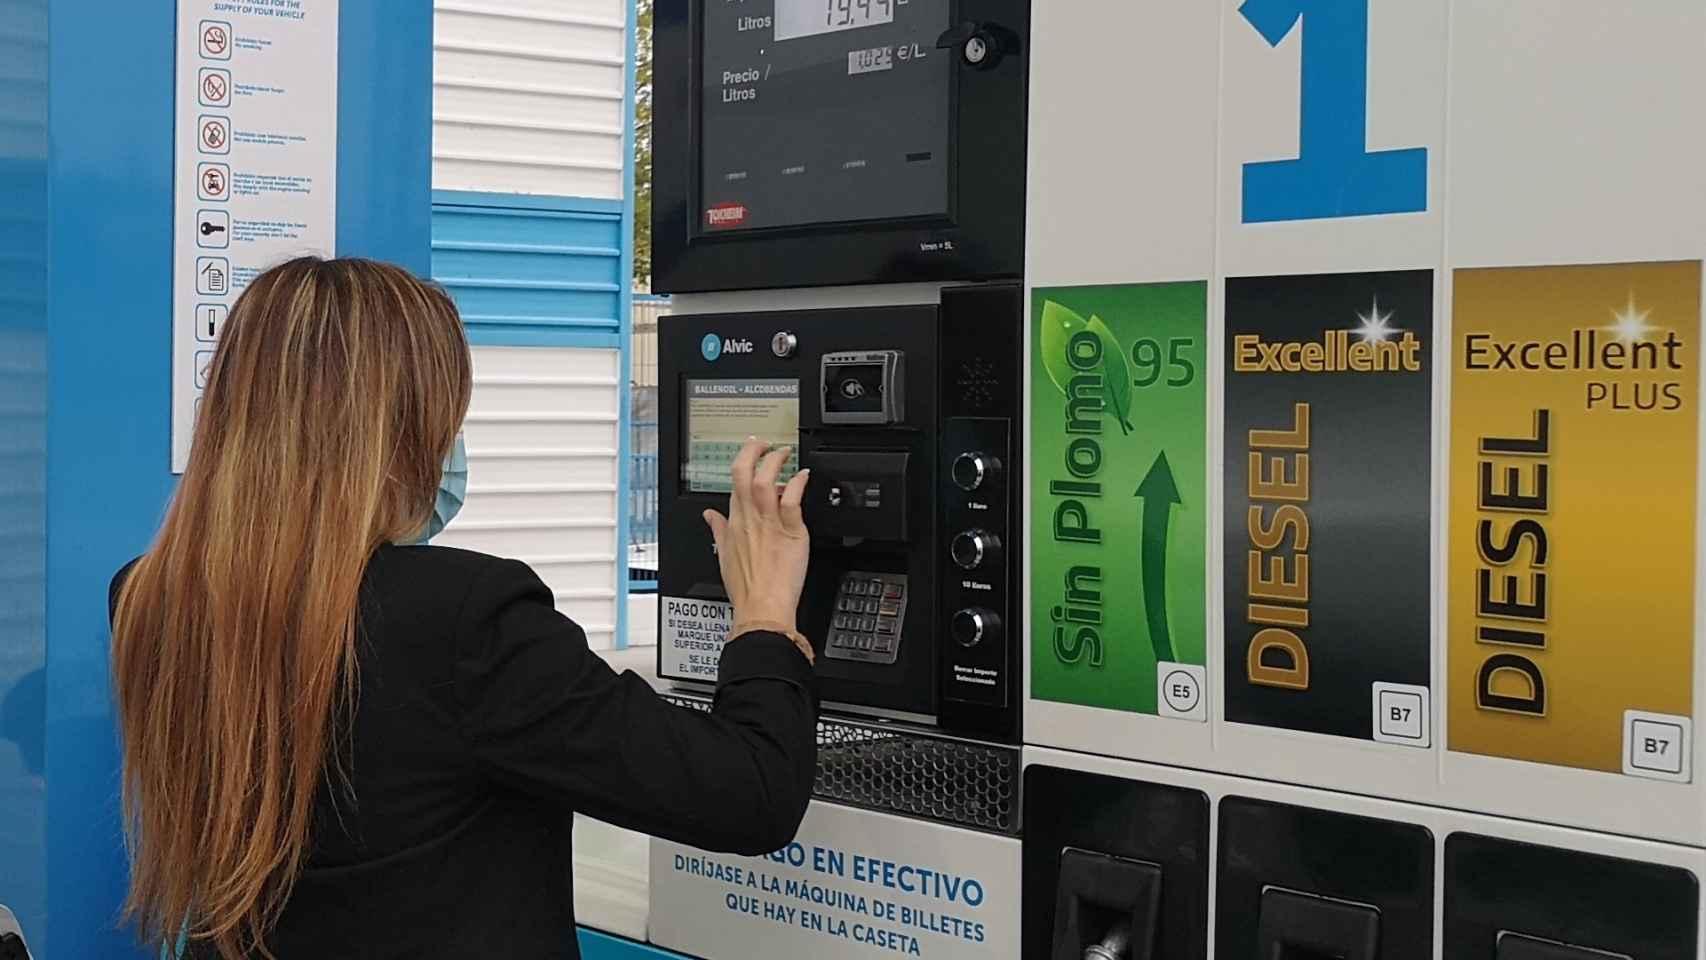 Ballenoil y Santander desarrollan un sistema para pagar los repostajes con el DNI